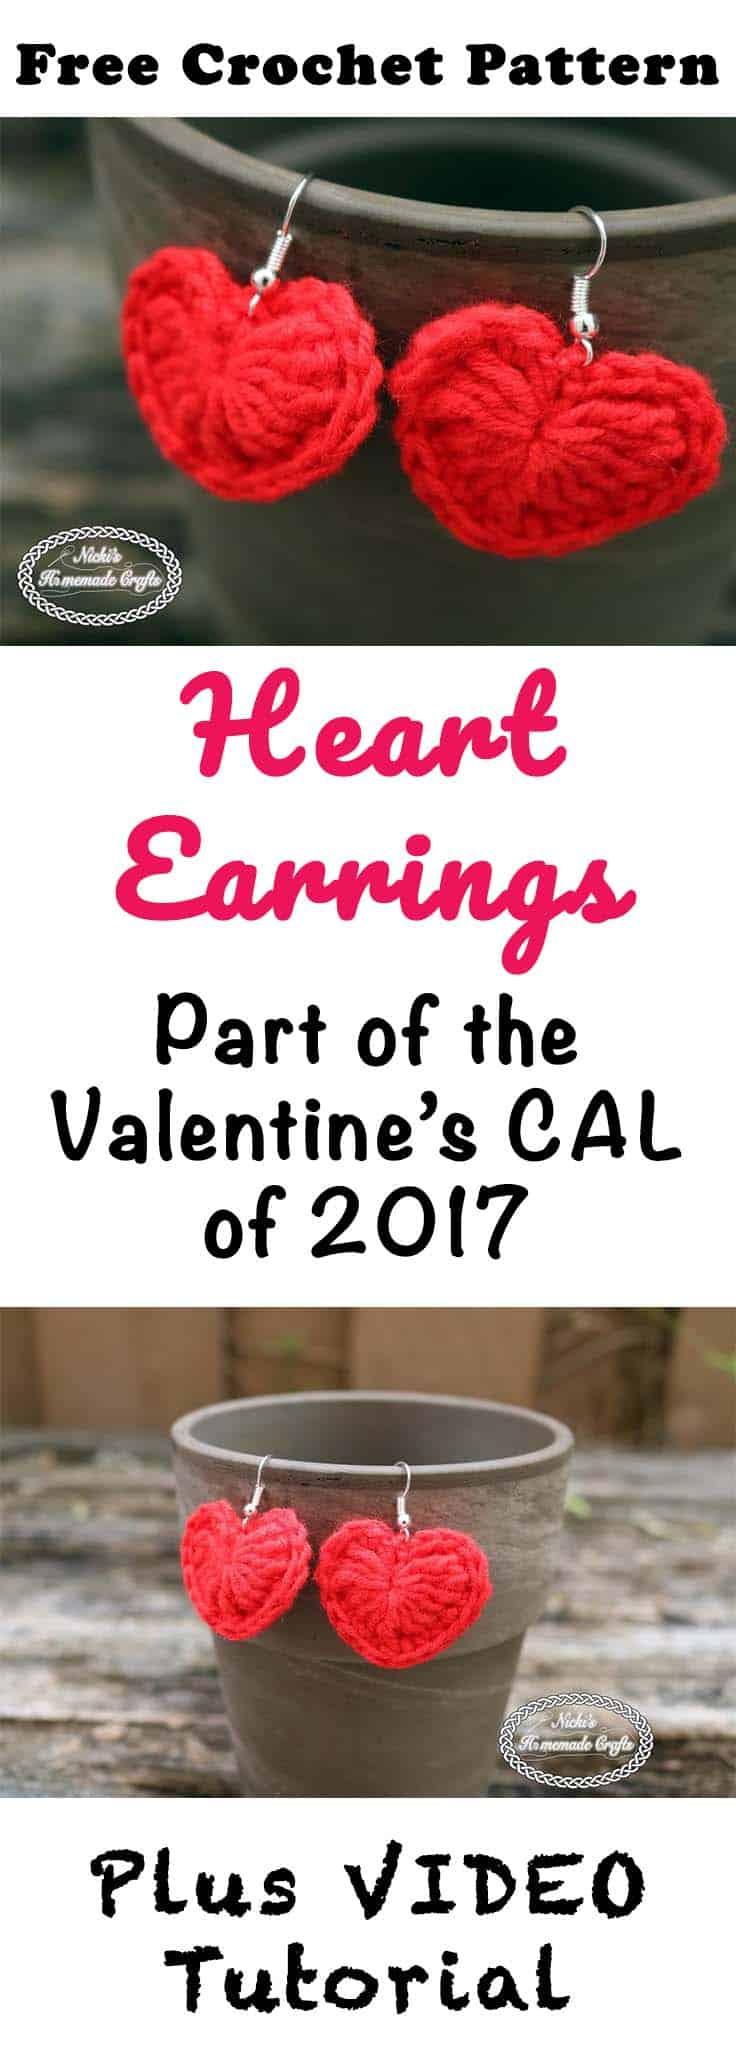 Small Heart Earrings - Free Crochet Pattern by Nicki's Homemade Crafts #crochet #freecrochetpattern #heart #love #valentinesday #earrings